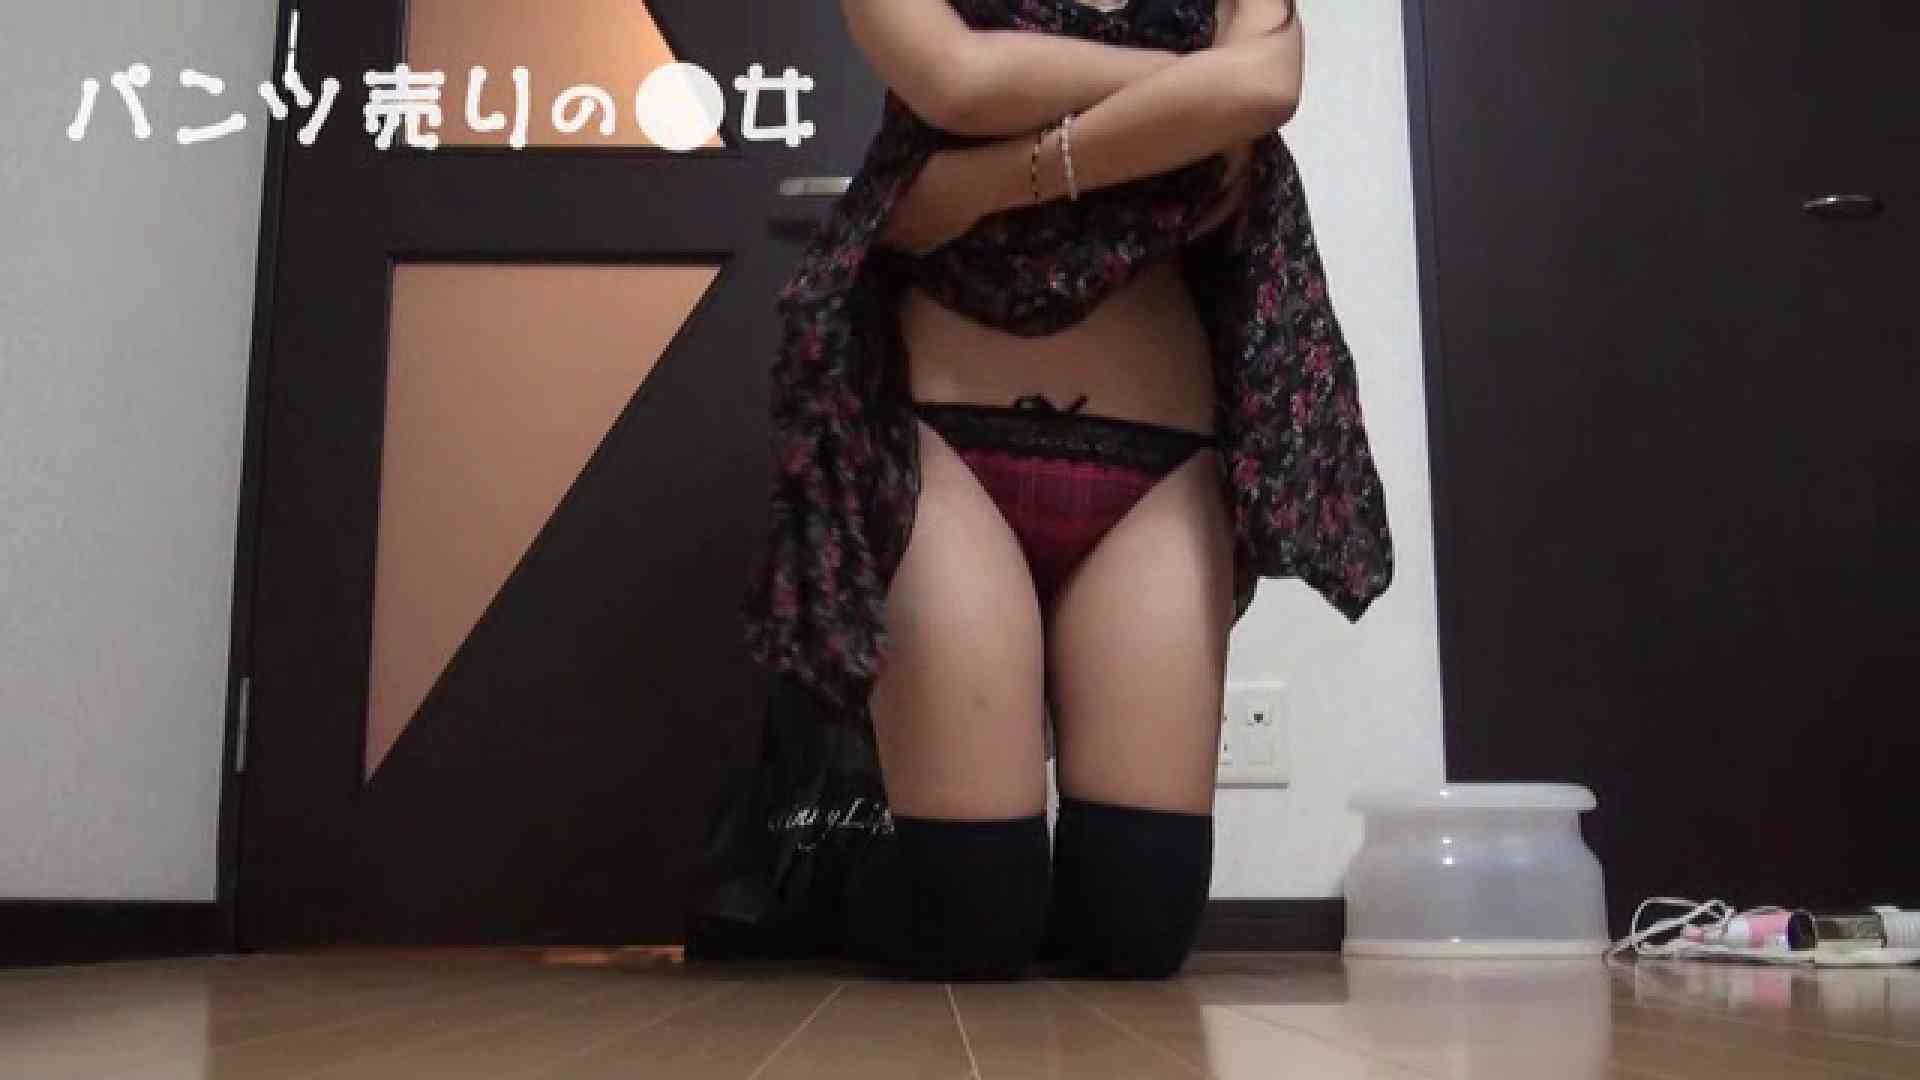 新説 パンツ売りの女の子ayu 覗き   盗撮  86PIX 33